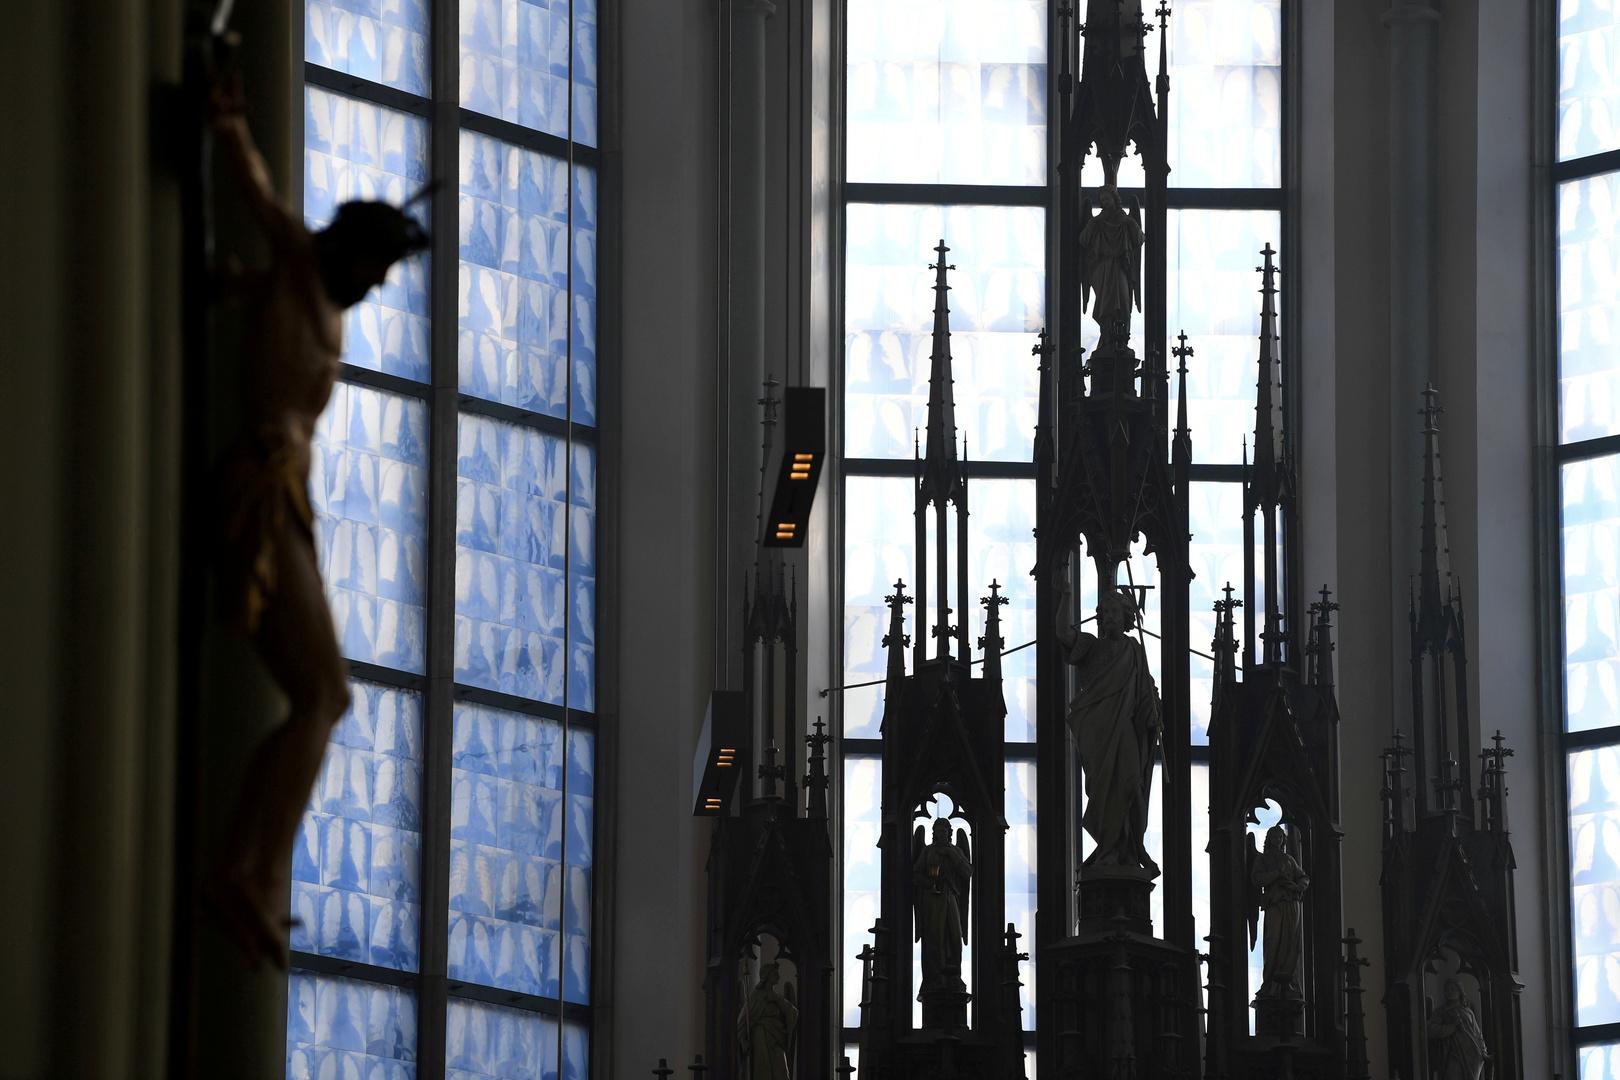 ستدفع الكنيسة الكاثوليكية في ألمانيا تعويضات عن الاعتداء الجنسي على رجال الدين